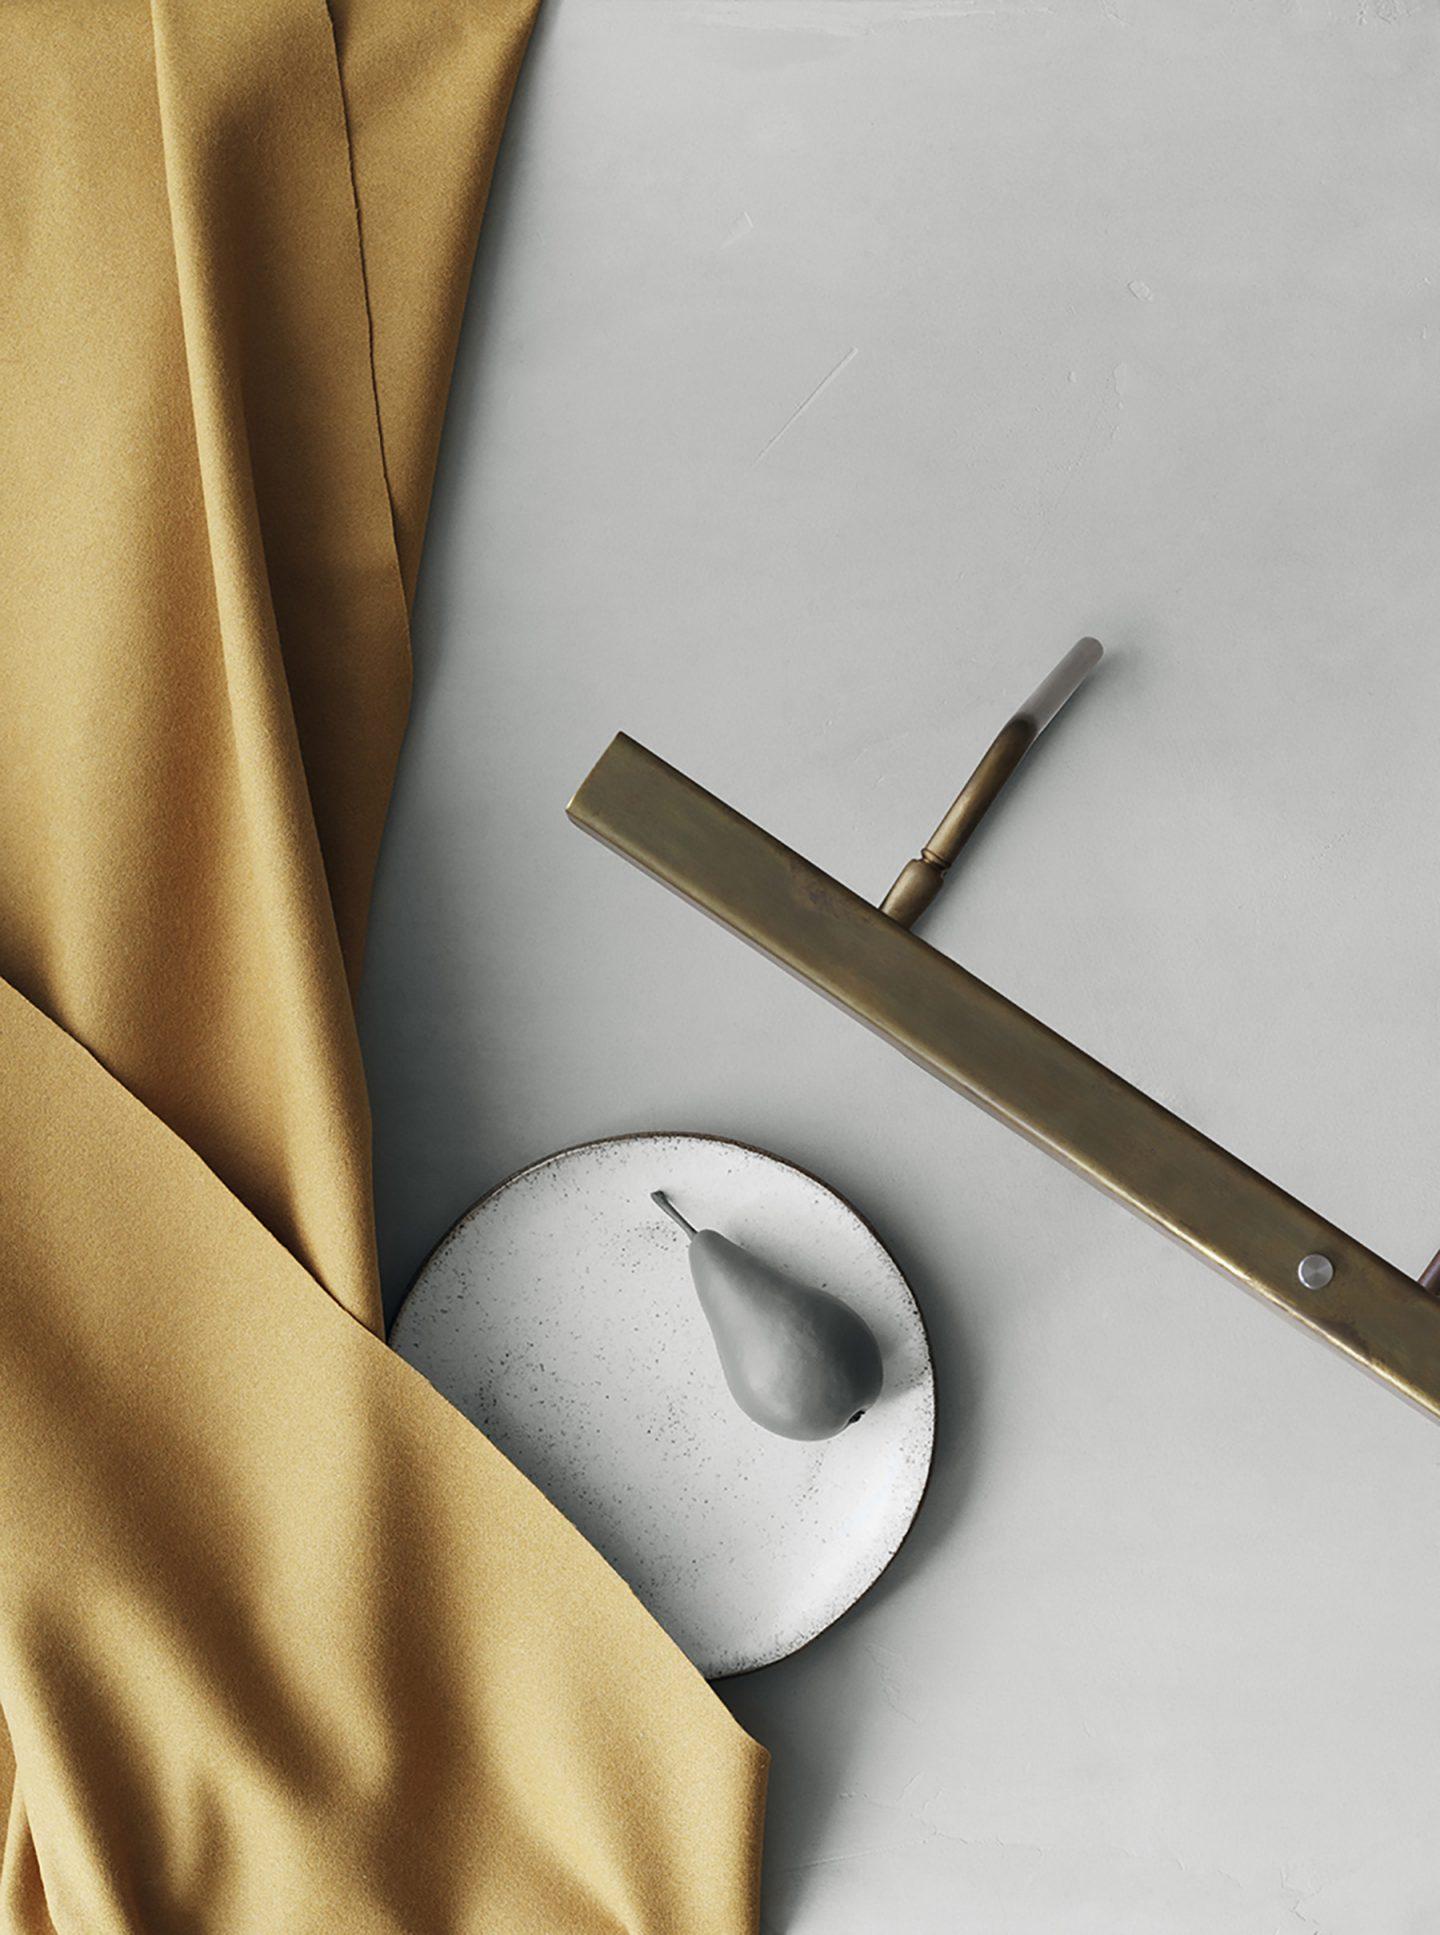 iGNANT-Design-Anour-12